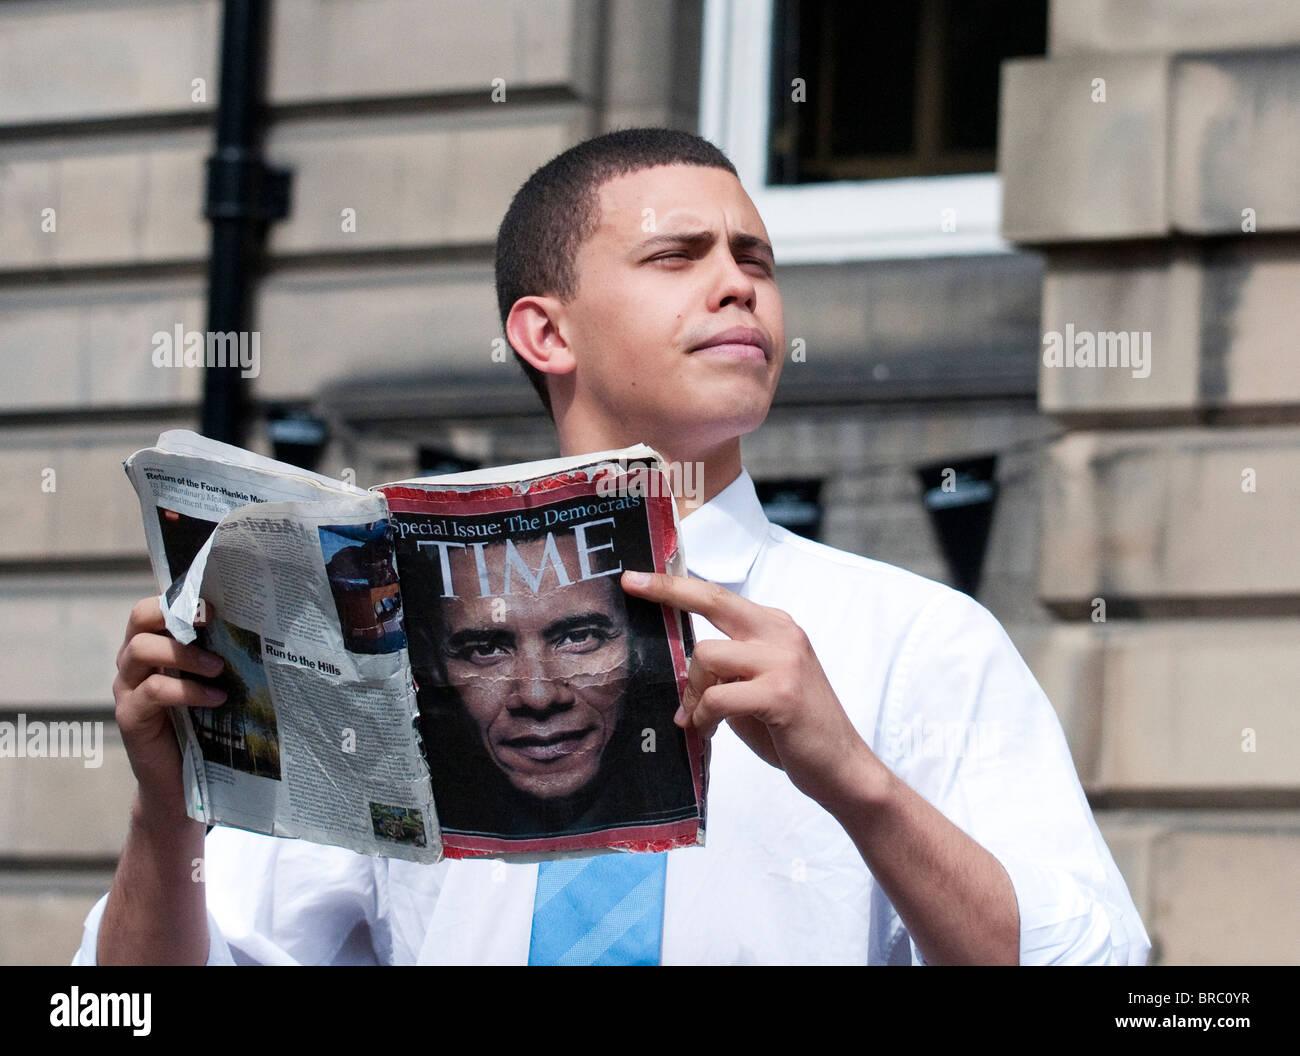 Barack Obama look-alike at the Edinburgh Fringe Festival, Edinburgh, Scotland, UK, Western Europe. - Stock Image